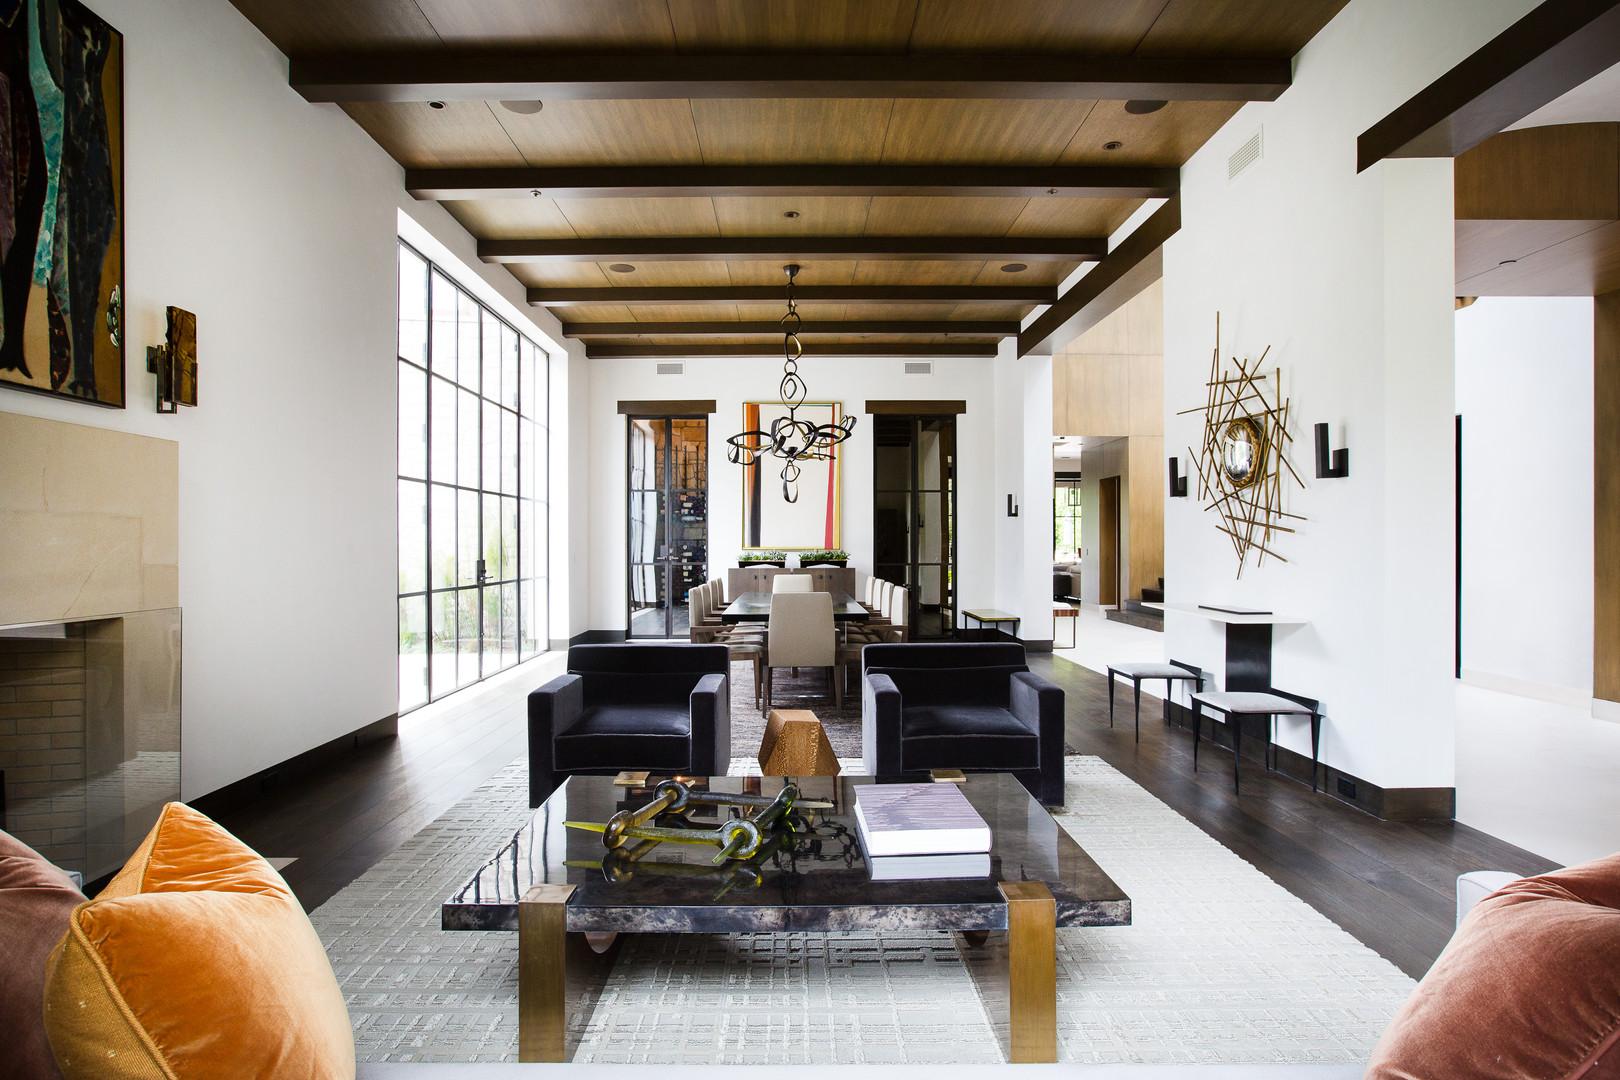 INTERIOR DESIGN, Residential: Cliffwood